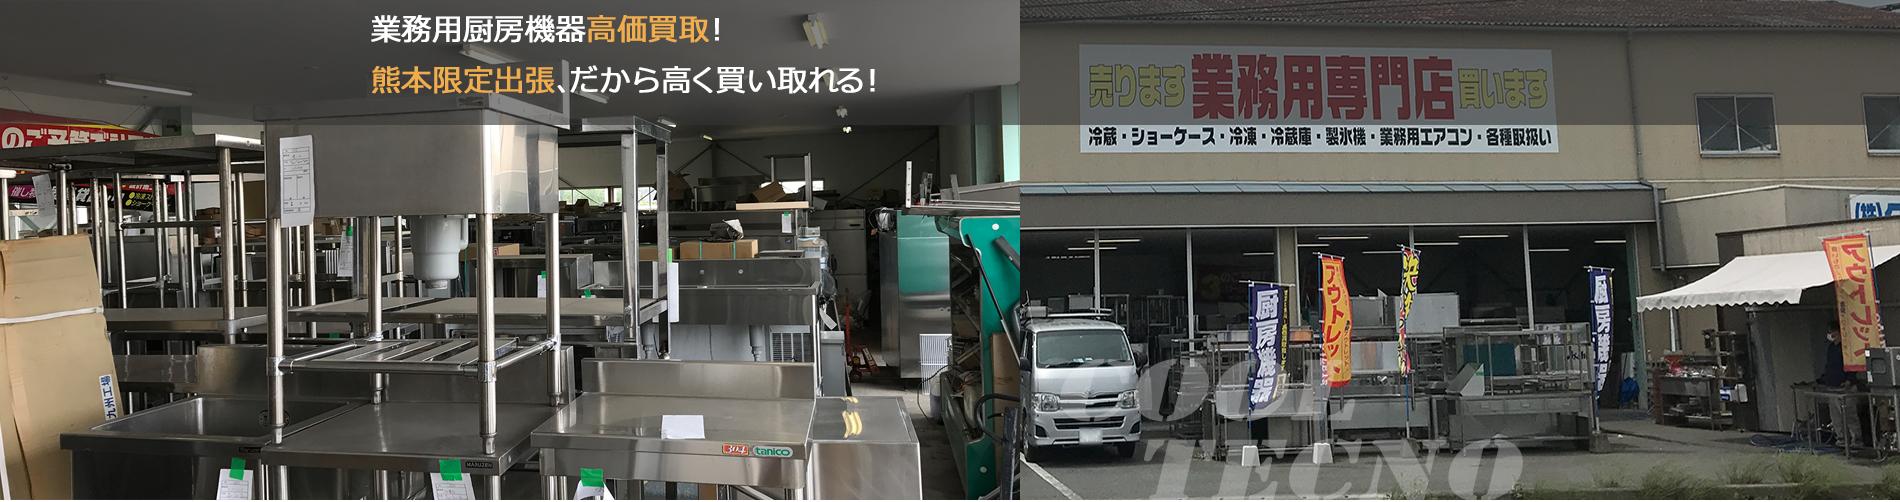 熊本の業務用厨房機器の買取は株式会社クールテクノサービスにお任せください。